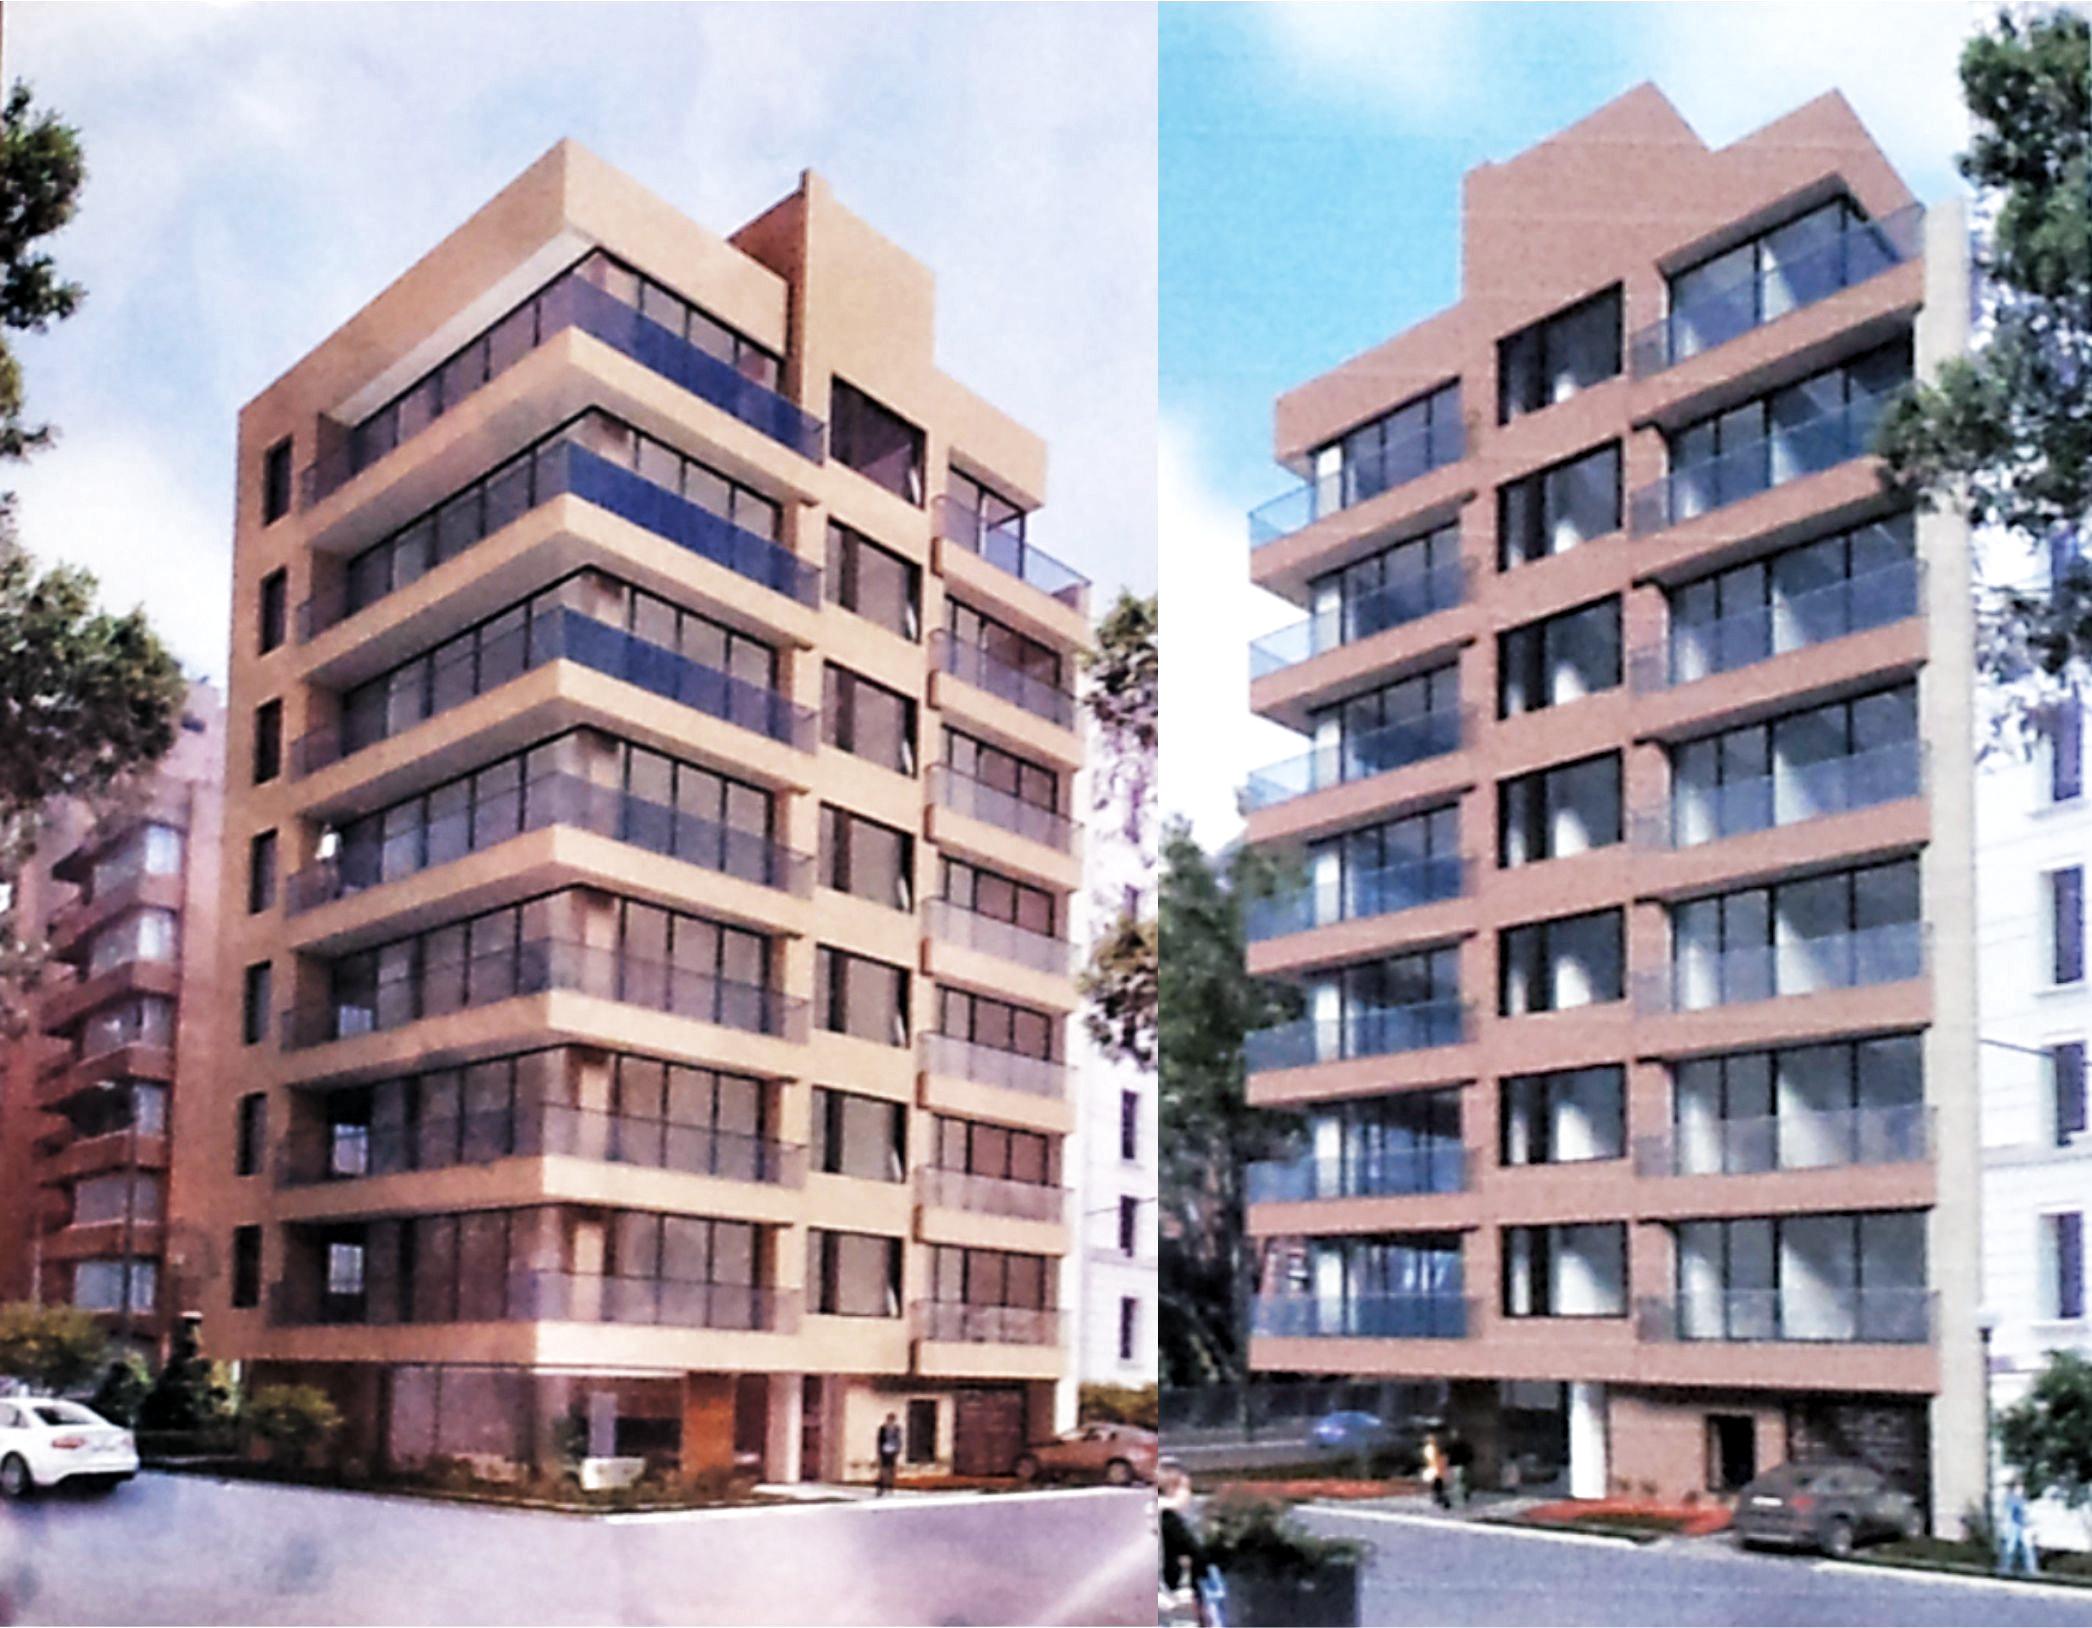 Cabrera 86 vivienda multifamiliar arquitectura for Vivienda arquitectura